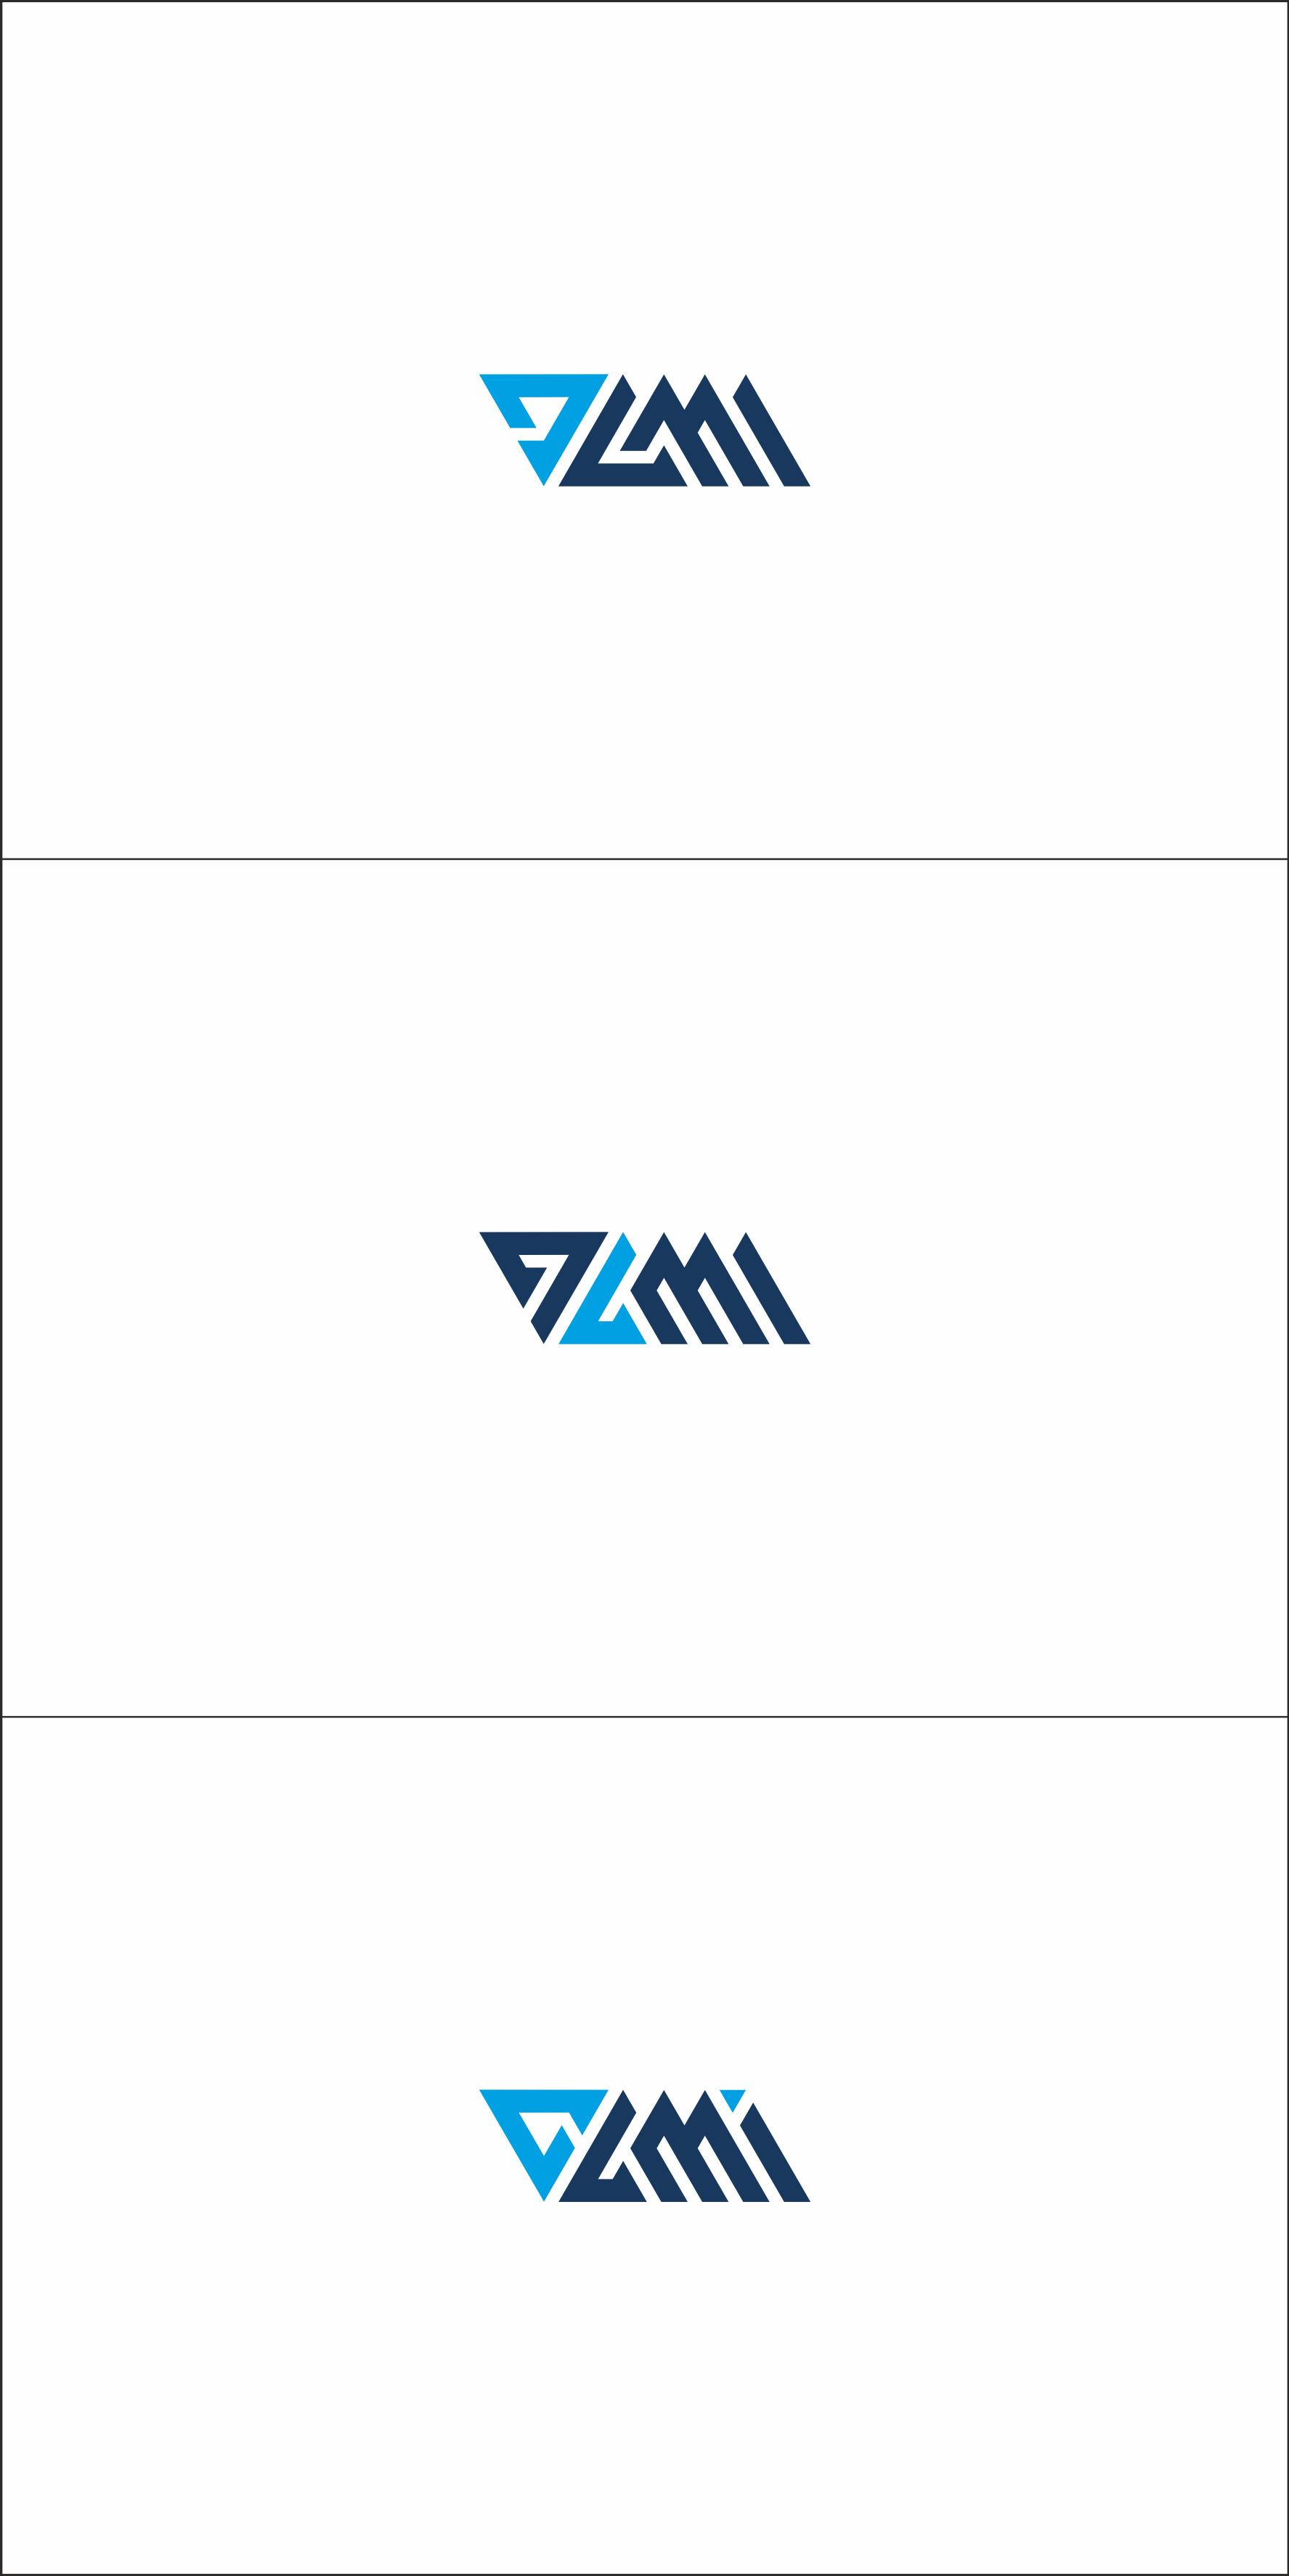 Разработка логотипа и фона фото f_60959942173a3124.png